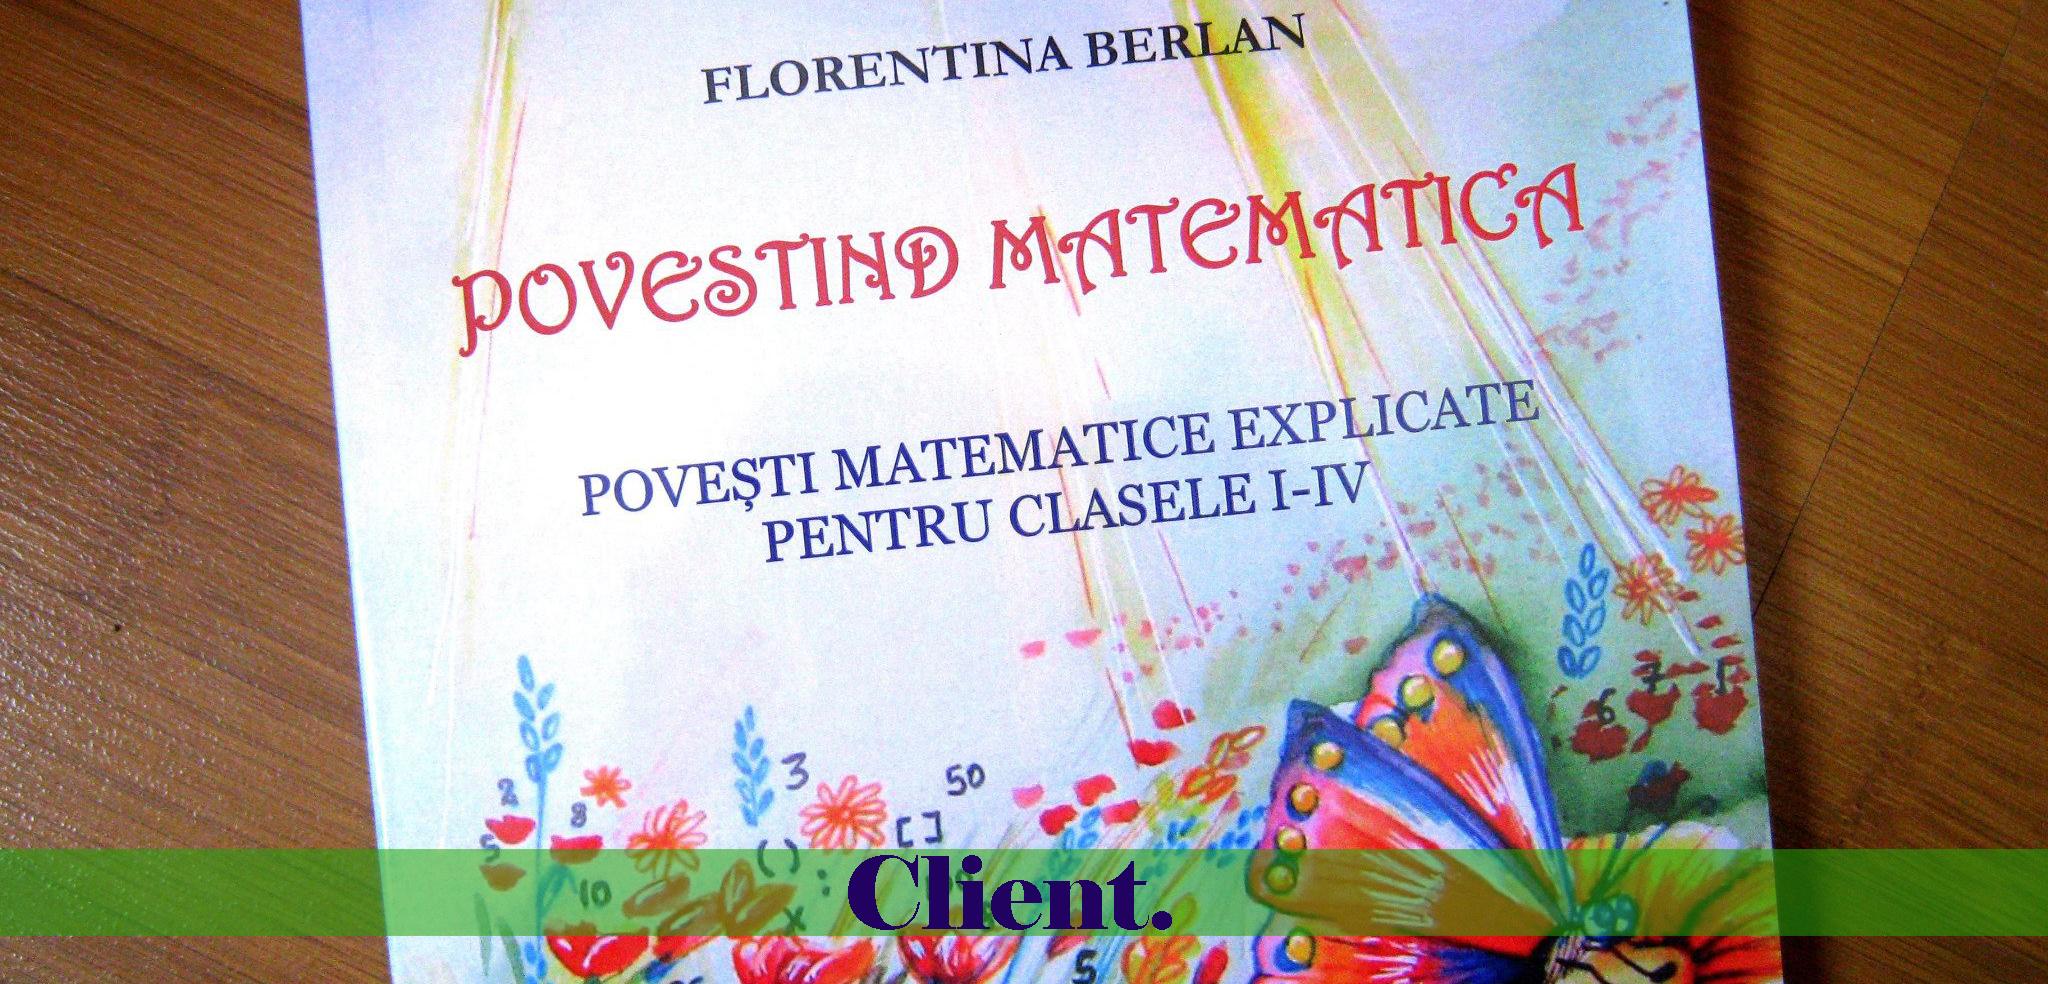 Povestind matematica